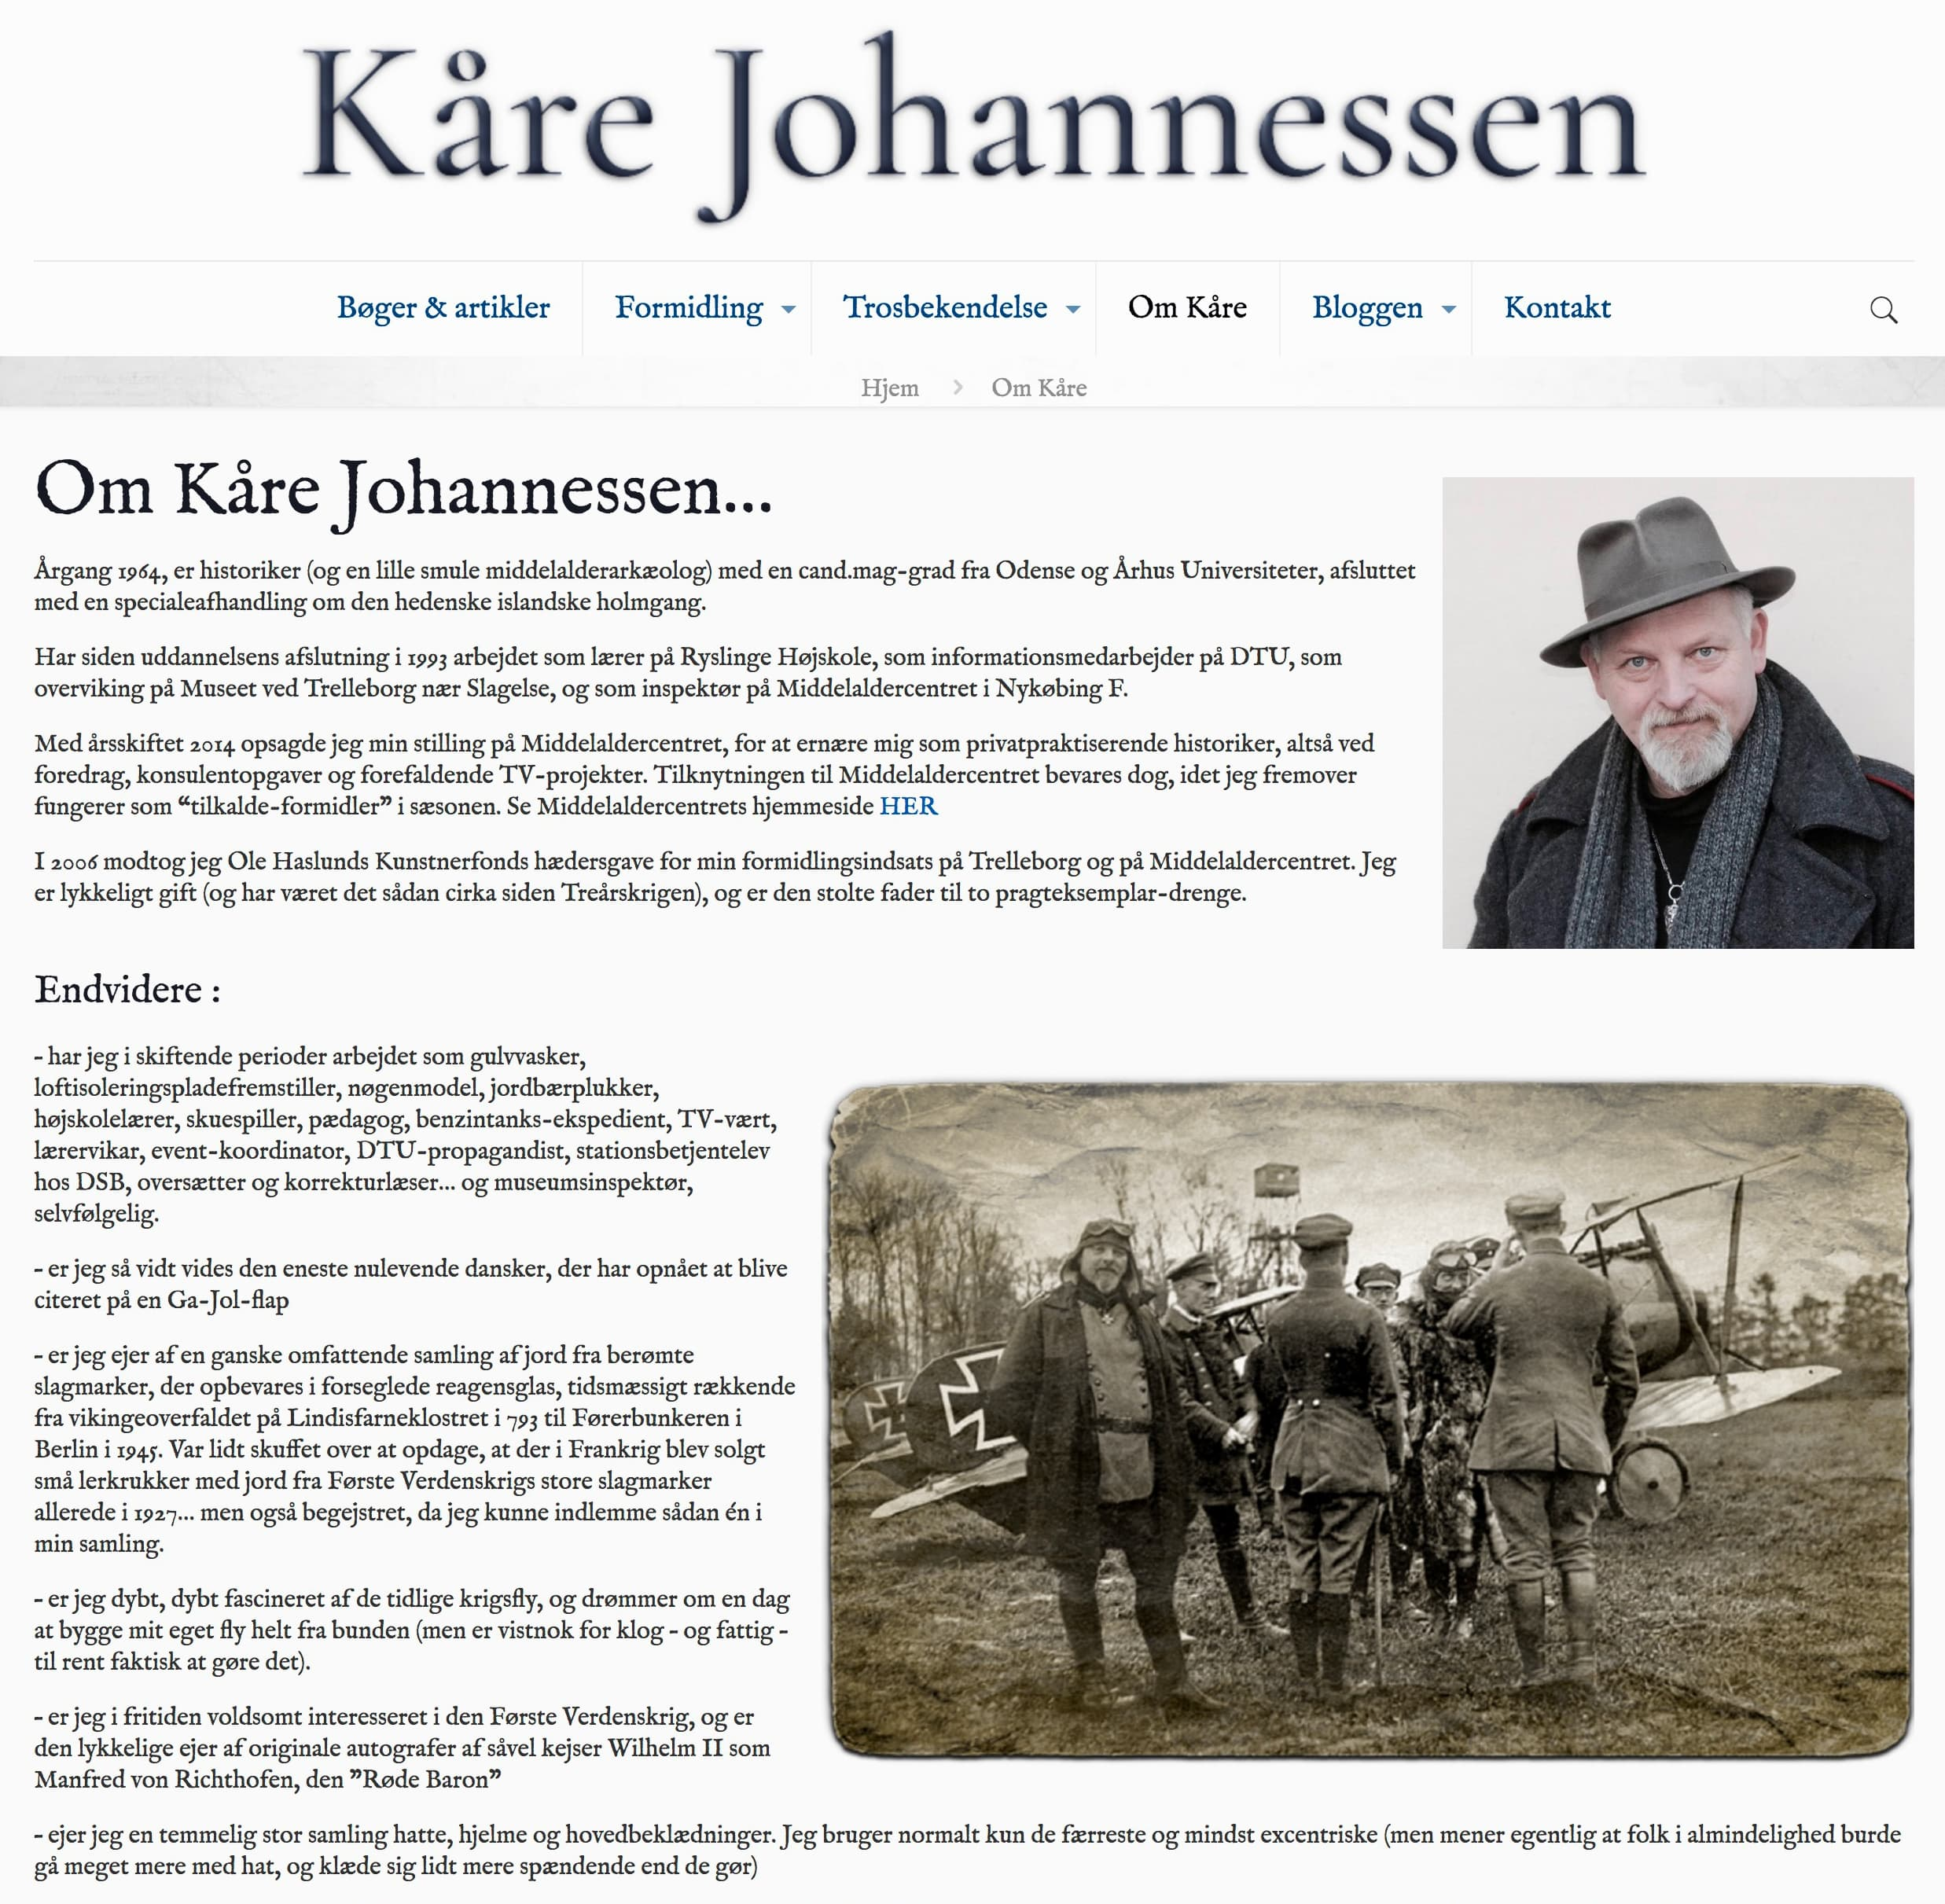 www.kaarejohannessen.dk